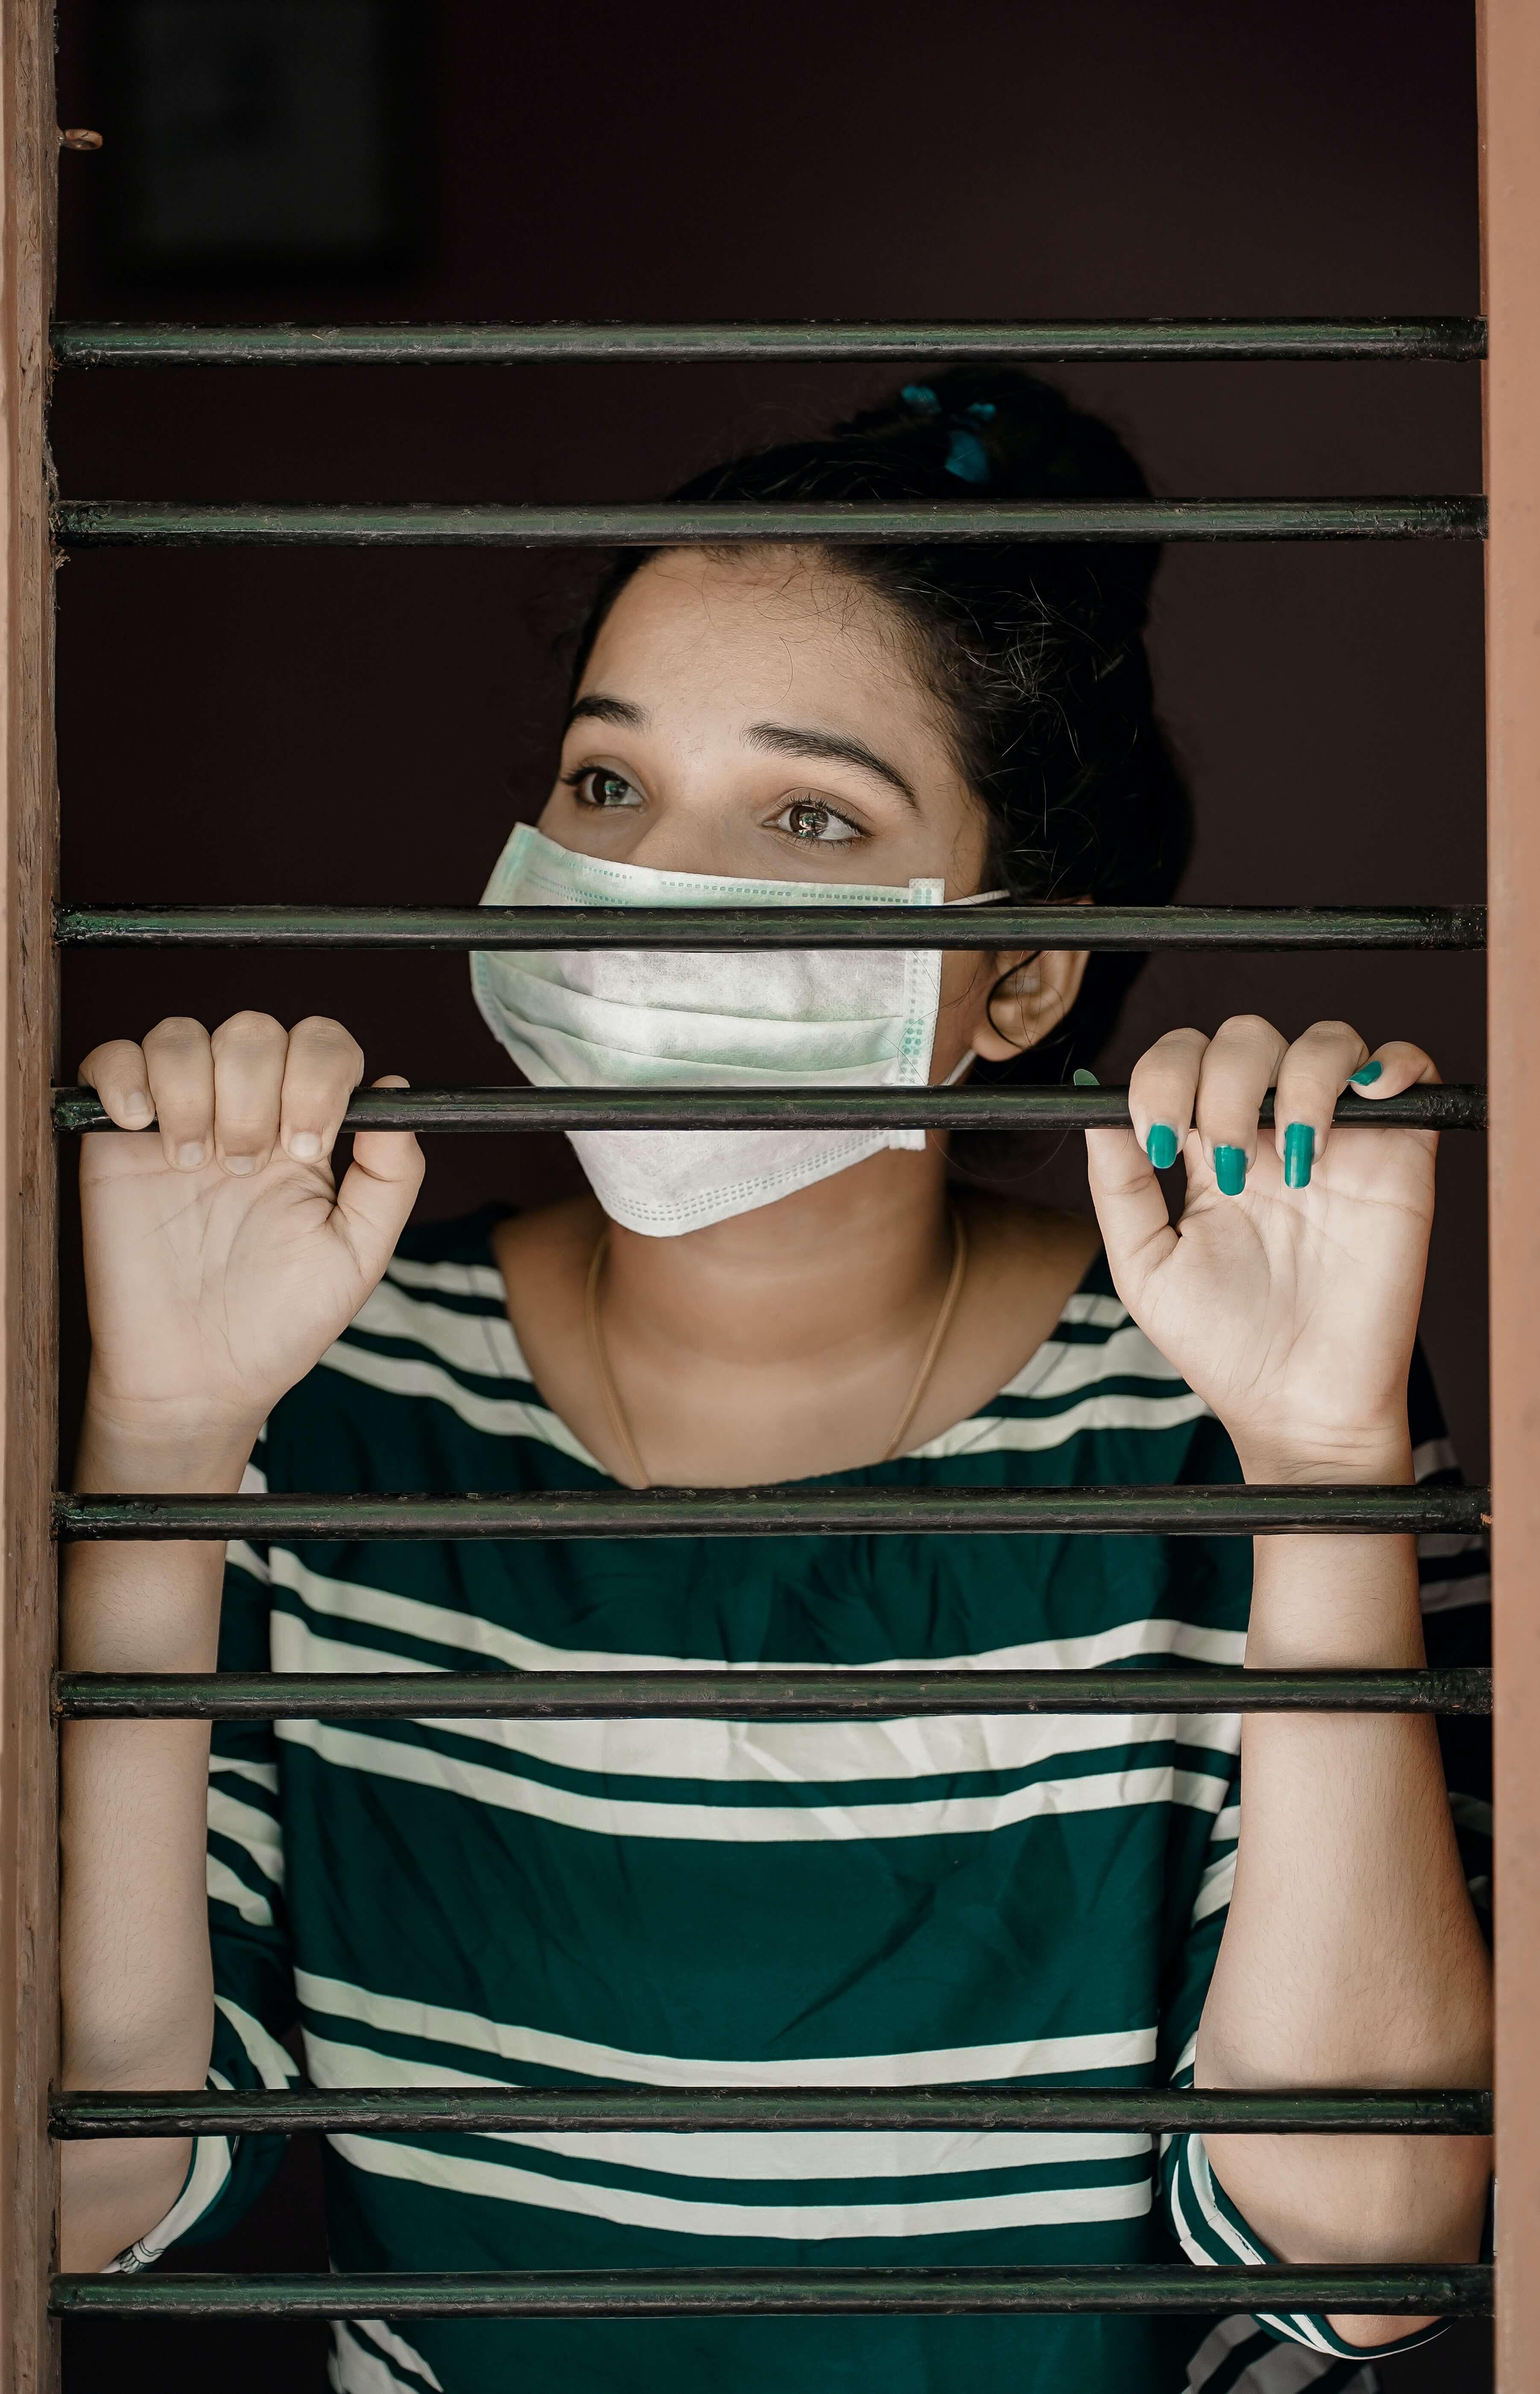 NYU Langone Women's health